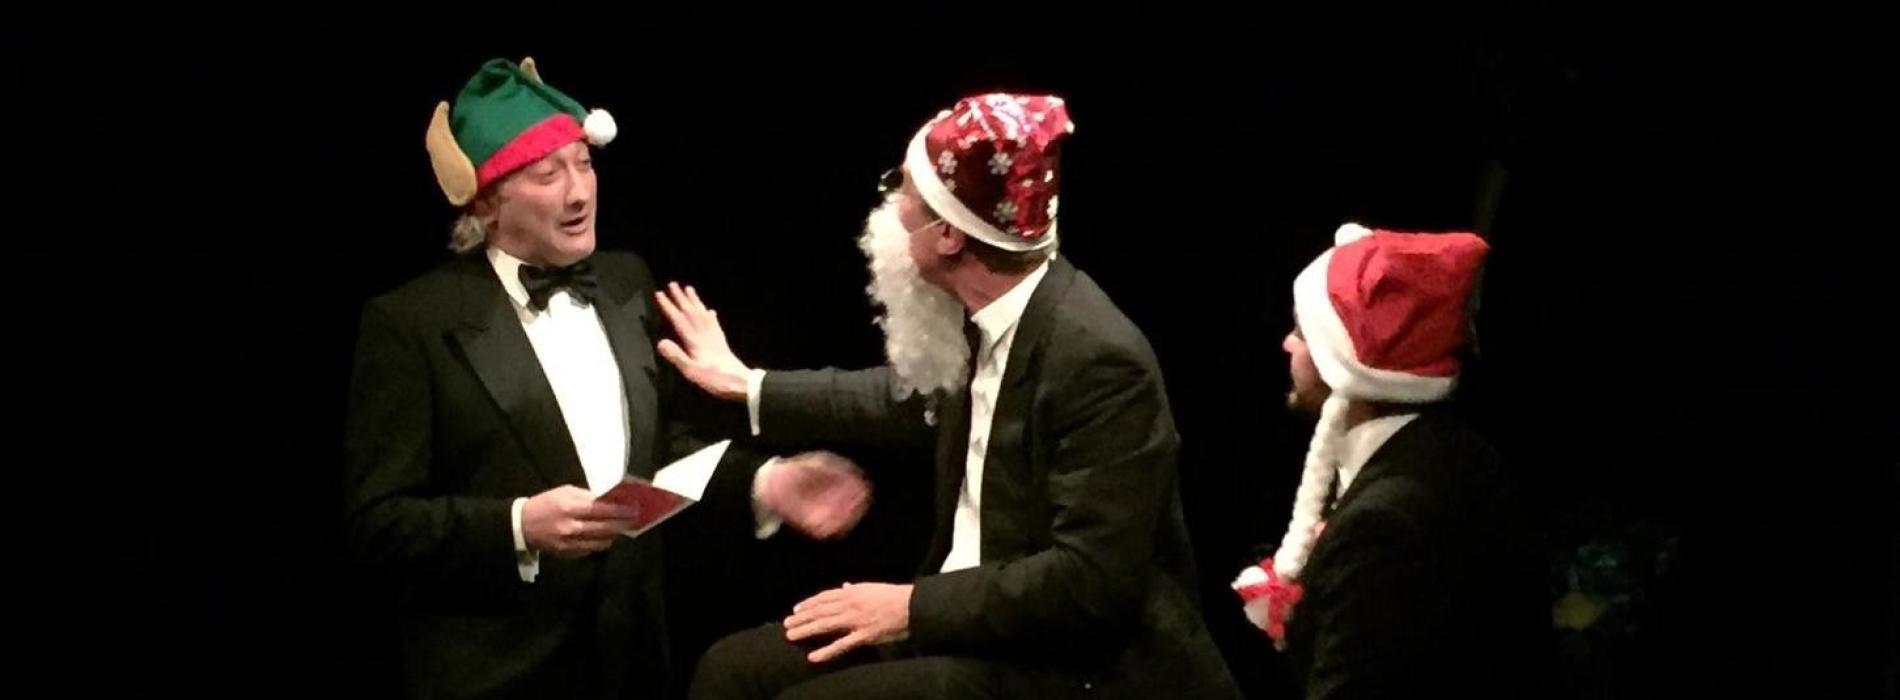 New Magic People Show, la grande comicità al teatro Civico14